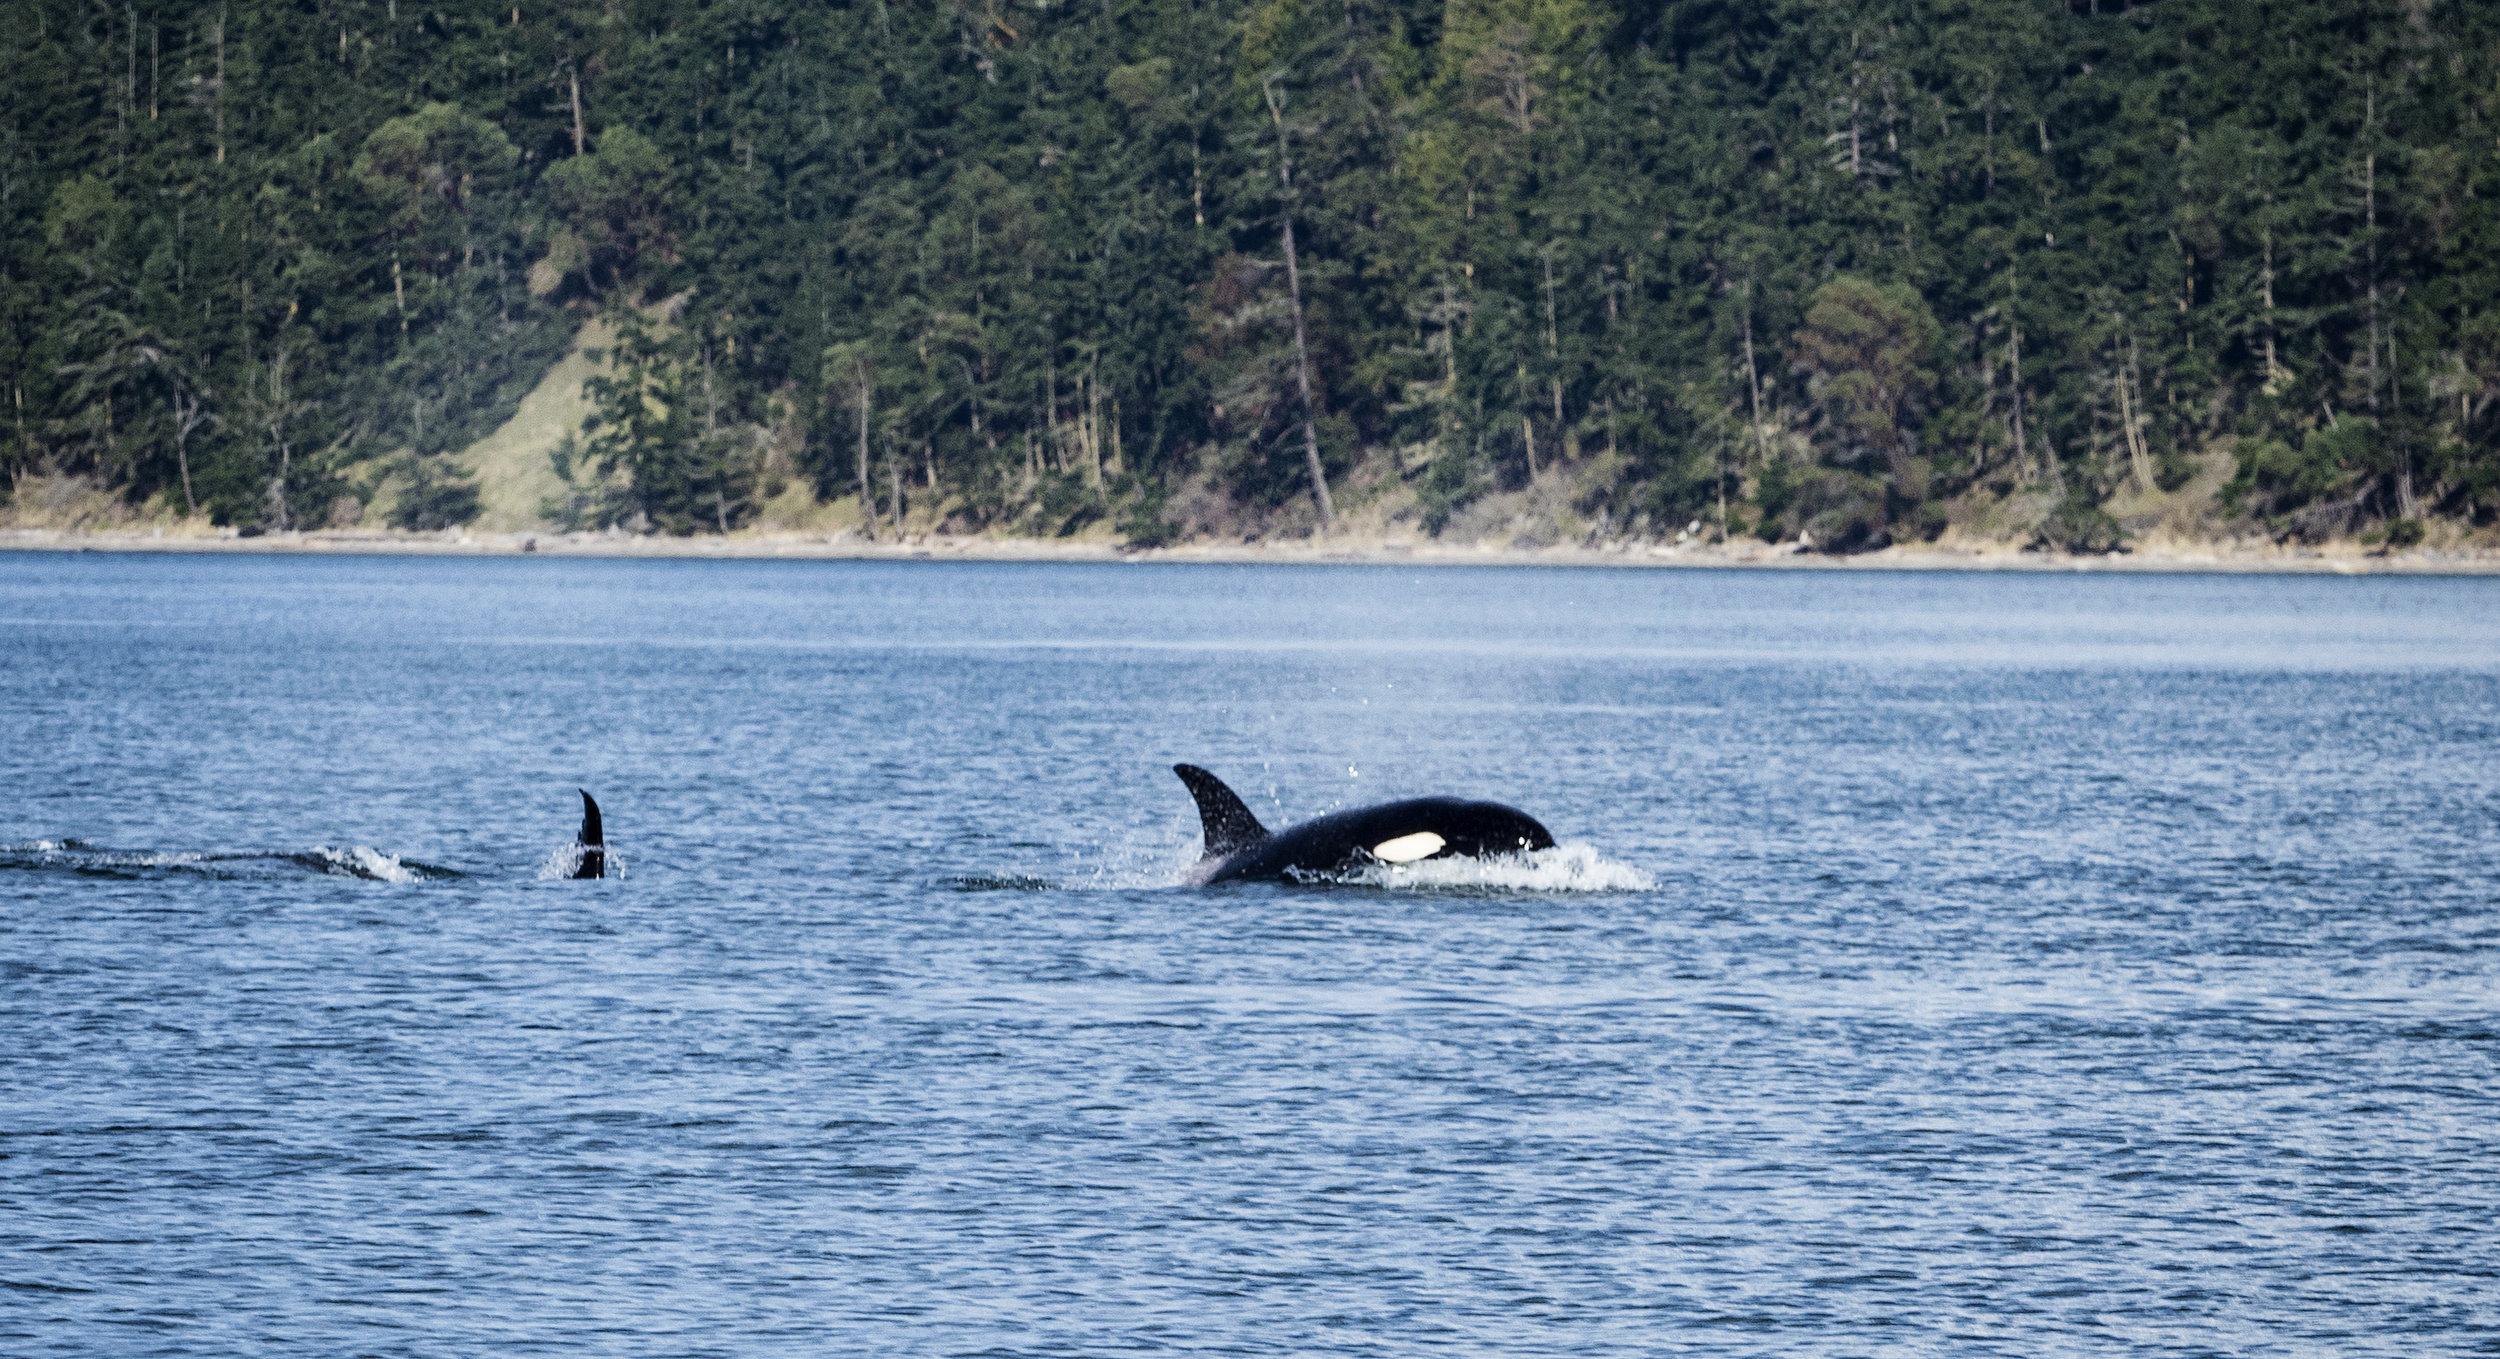 A pair of frisky Orca's